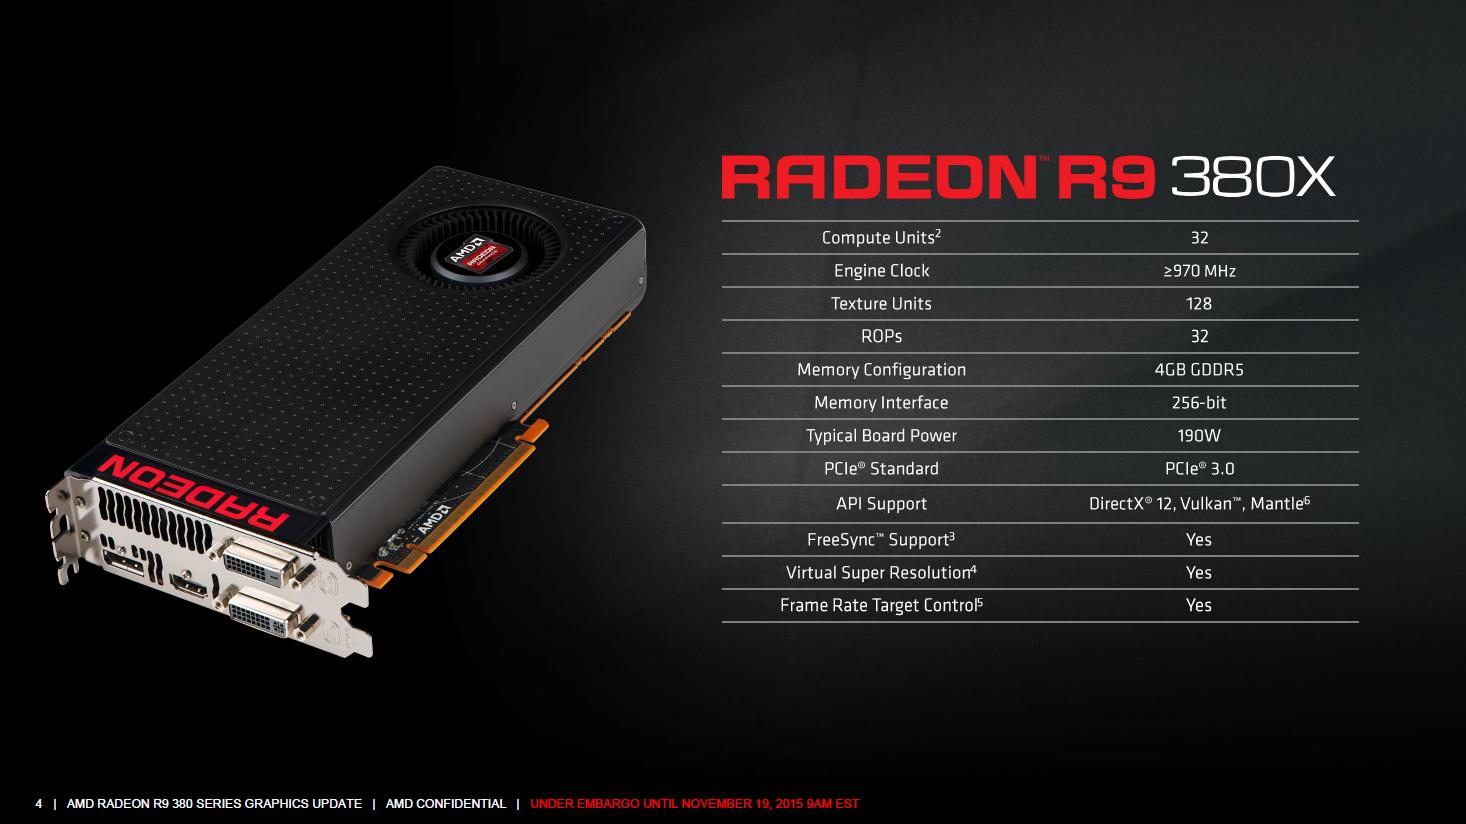 Radeon R9 380X: AMD veröffentlicht endlich einst Apple-exklusive Grafikkarte - Specs der Radeon R9 380X (Bild: AMD)